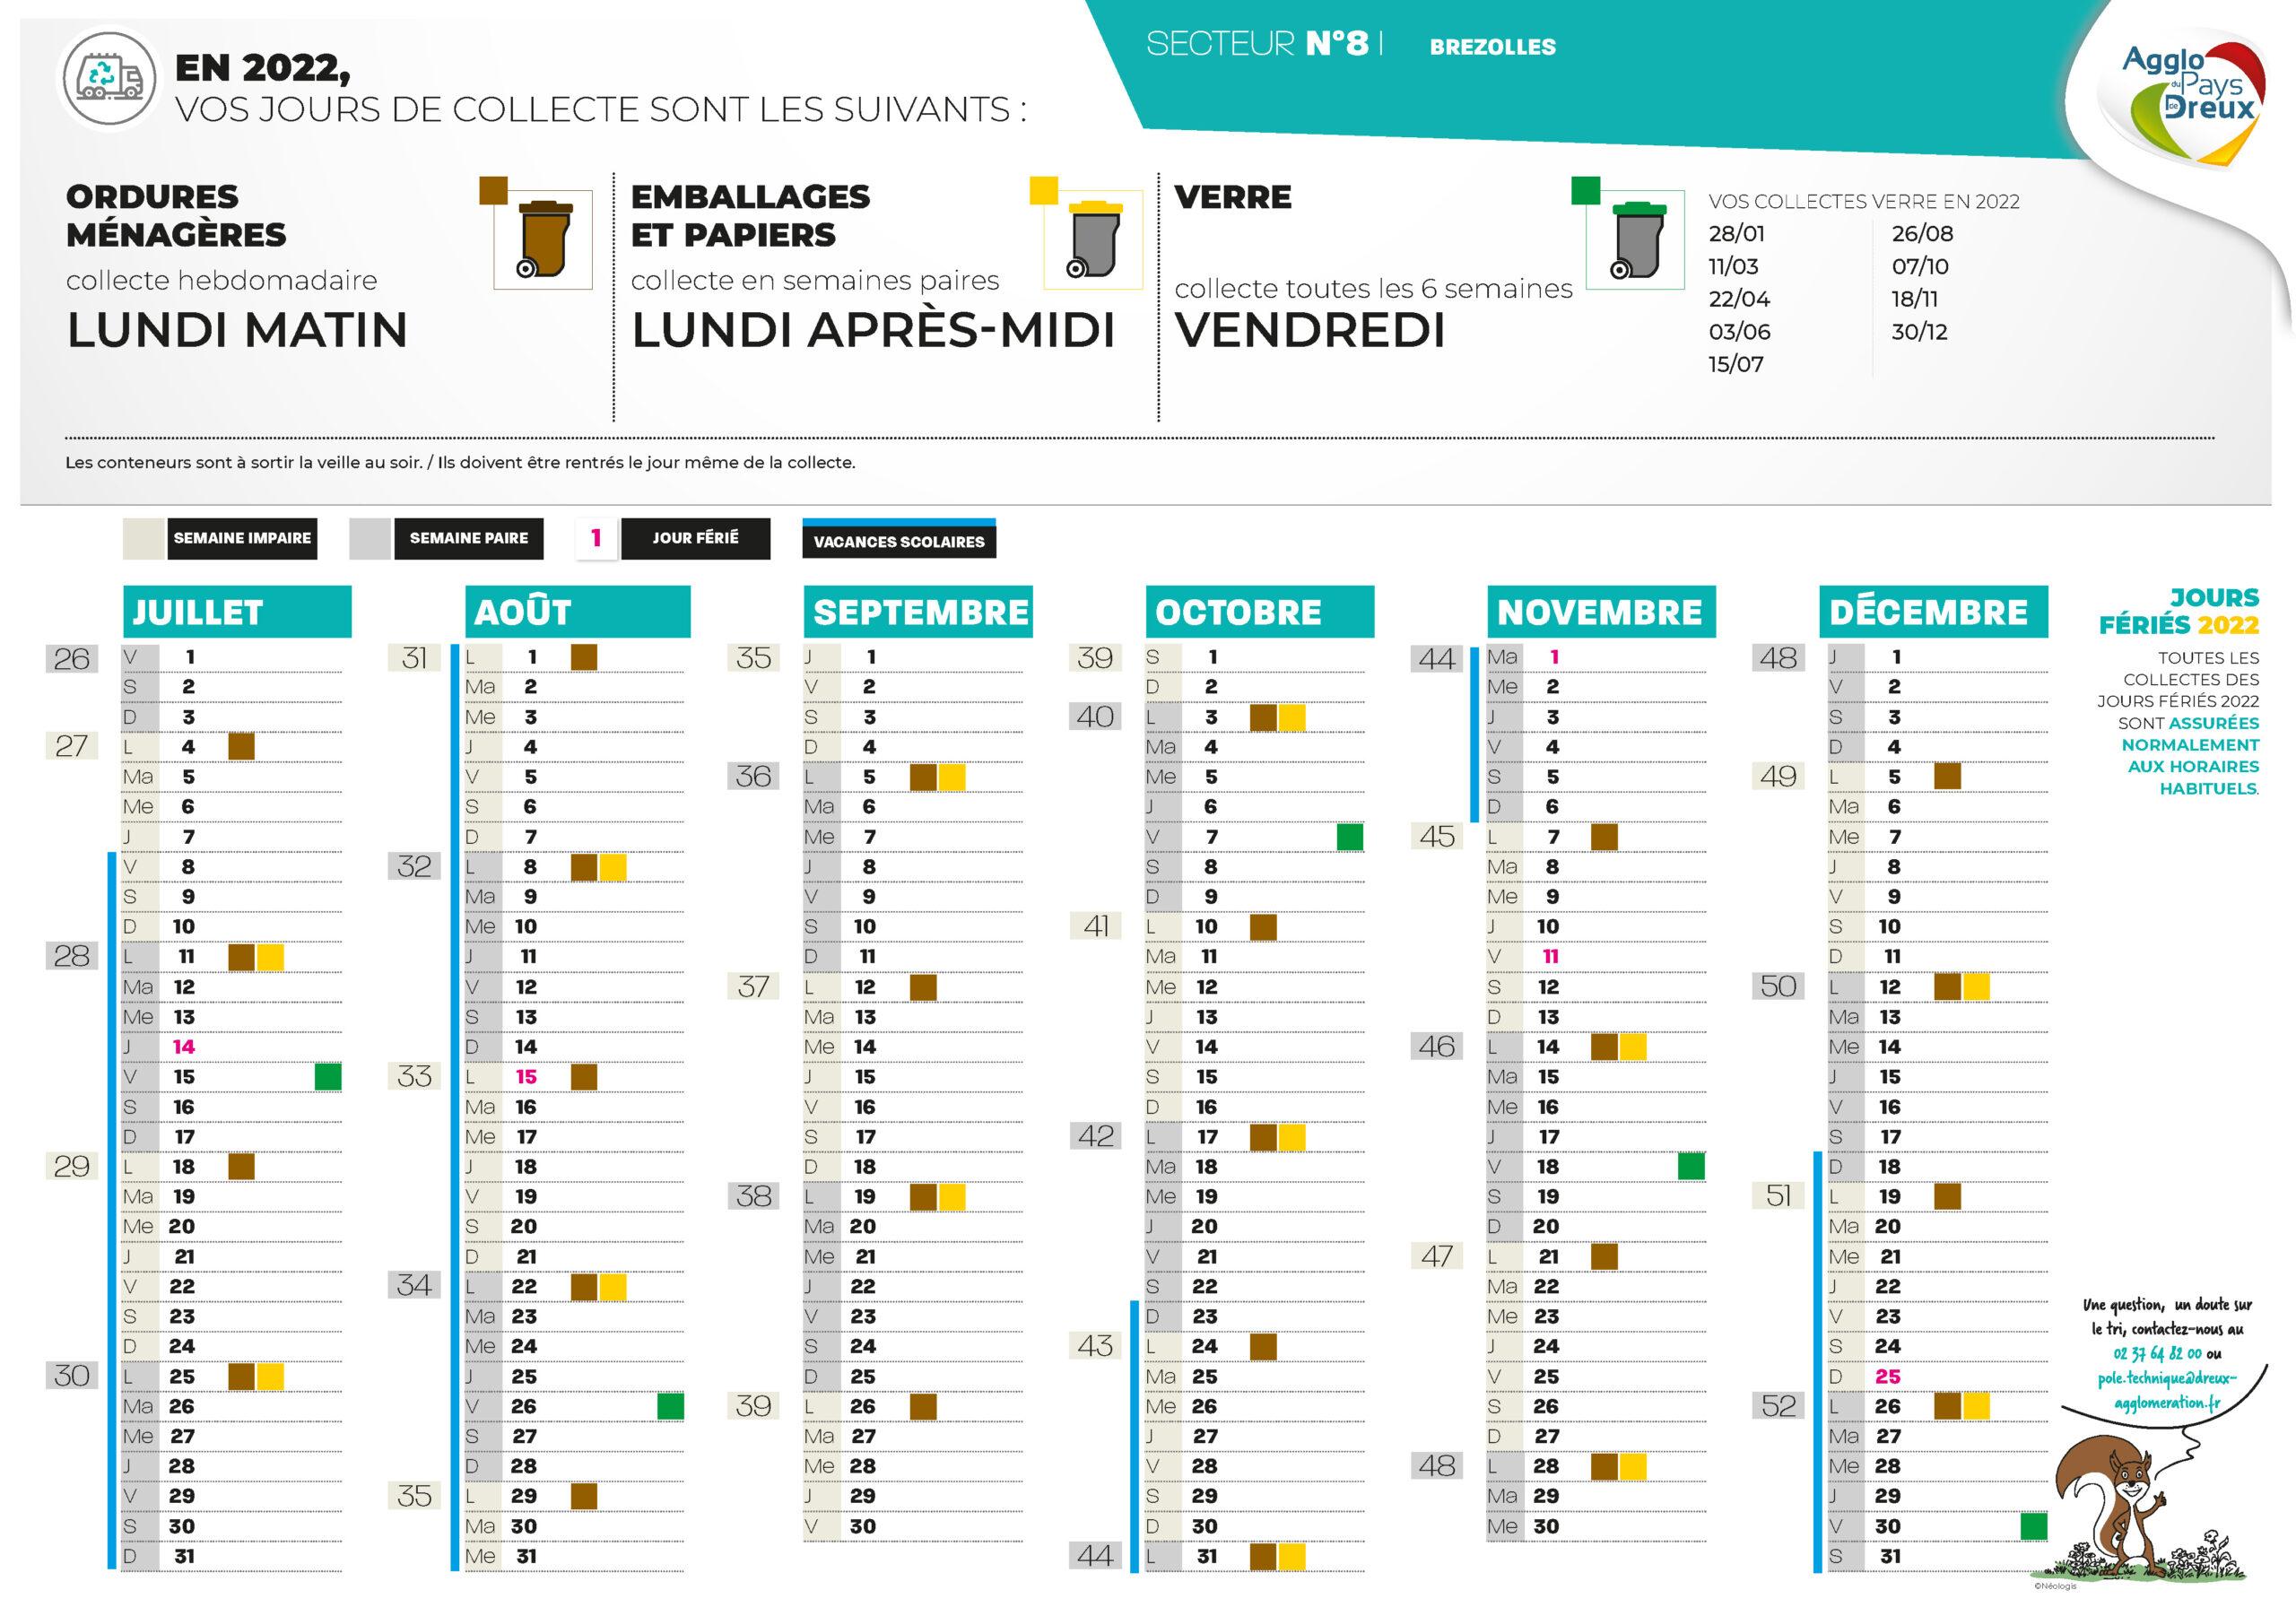 Calendrier-SECTEUR-08-consignes-de-tri